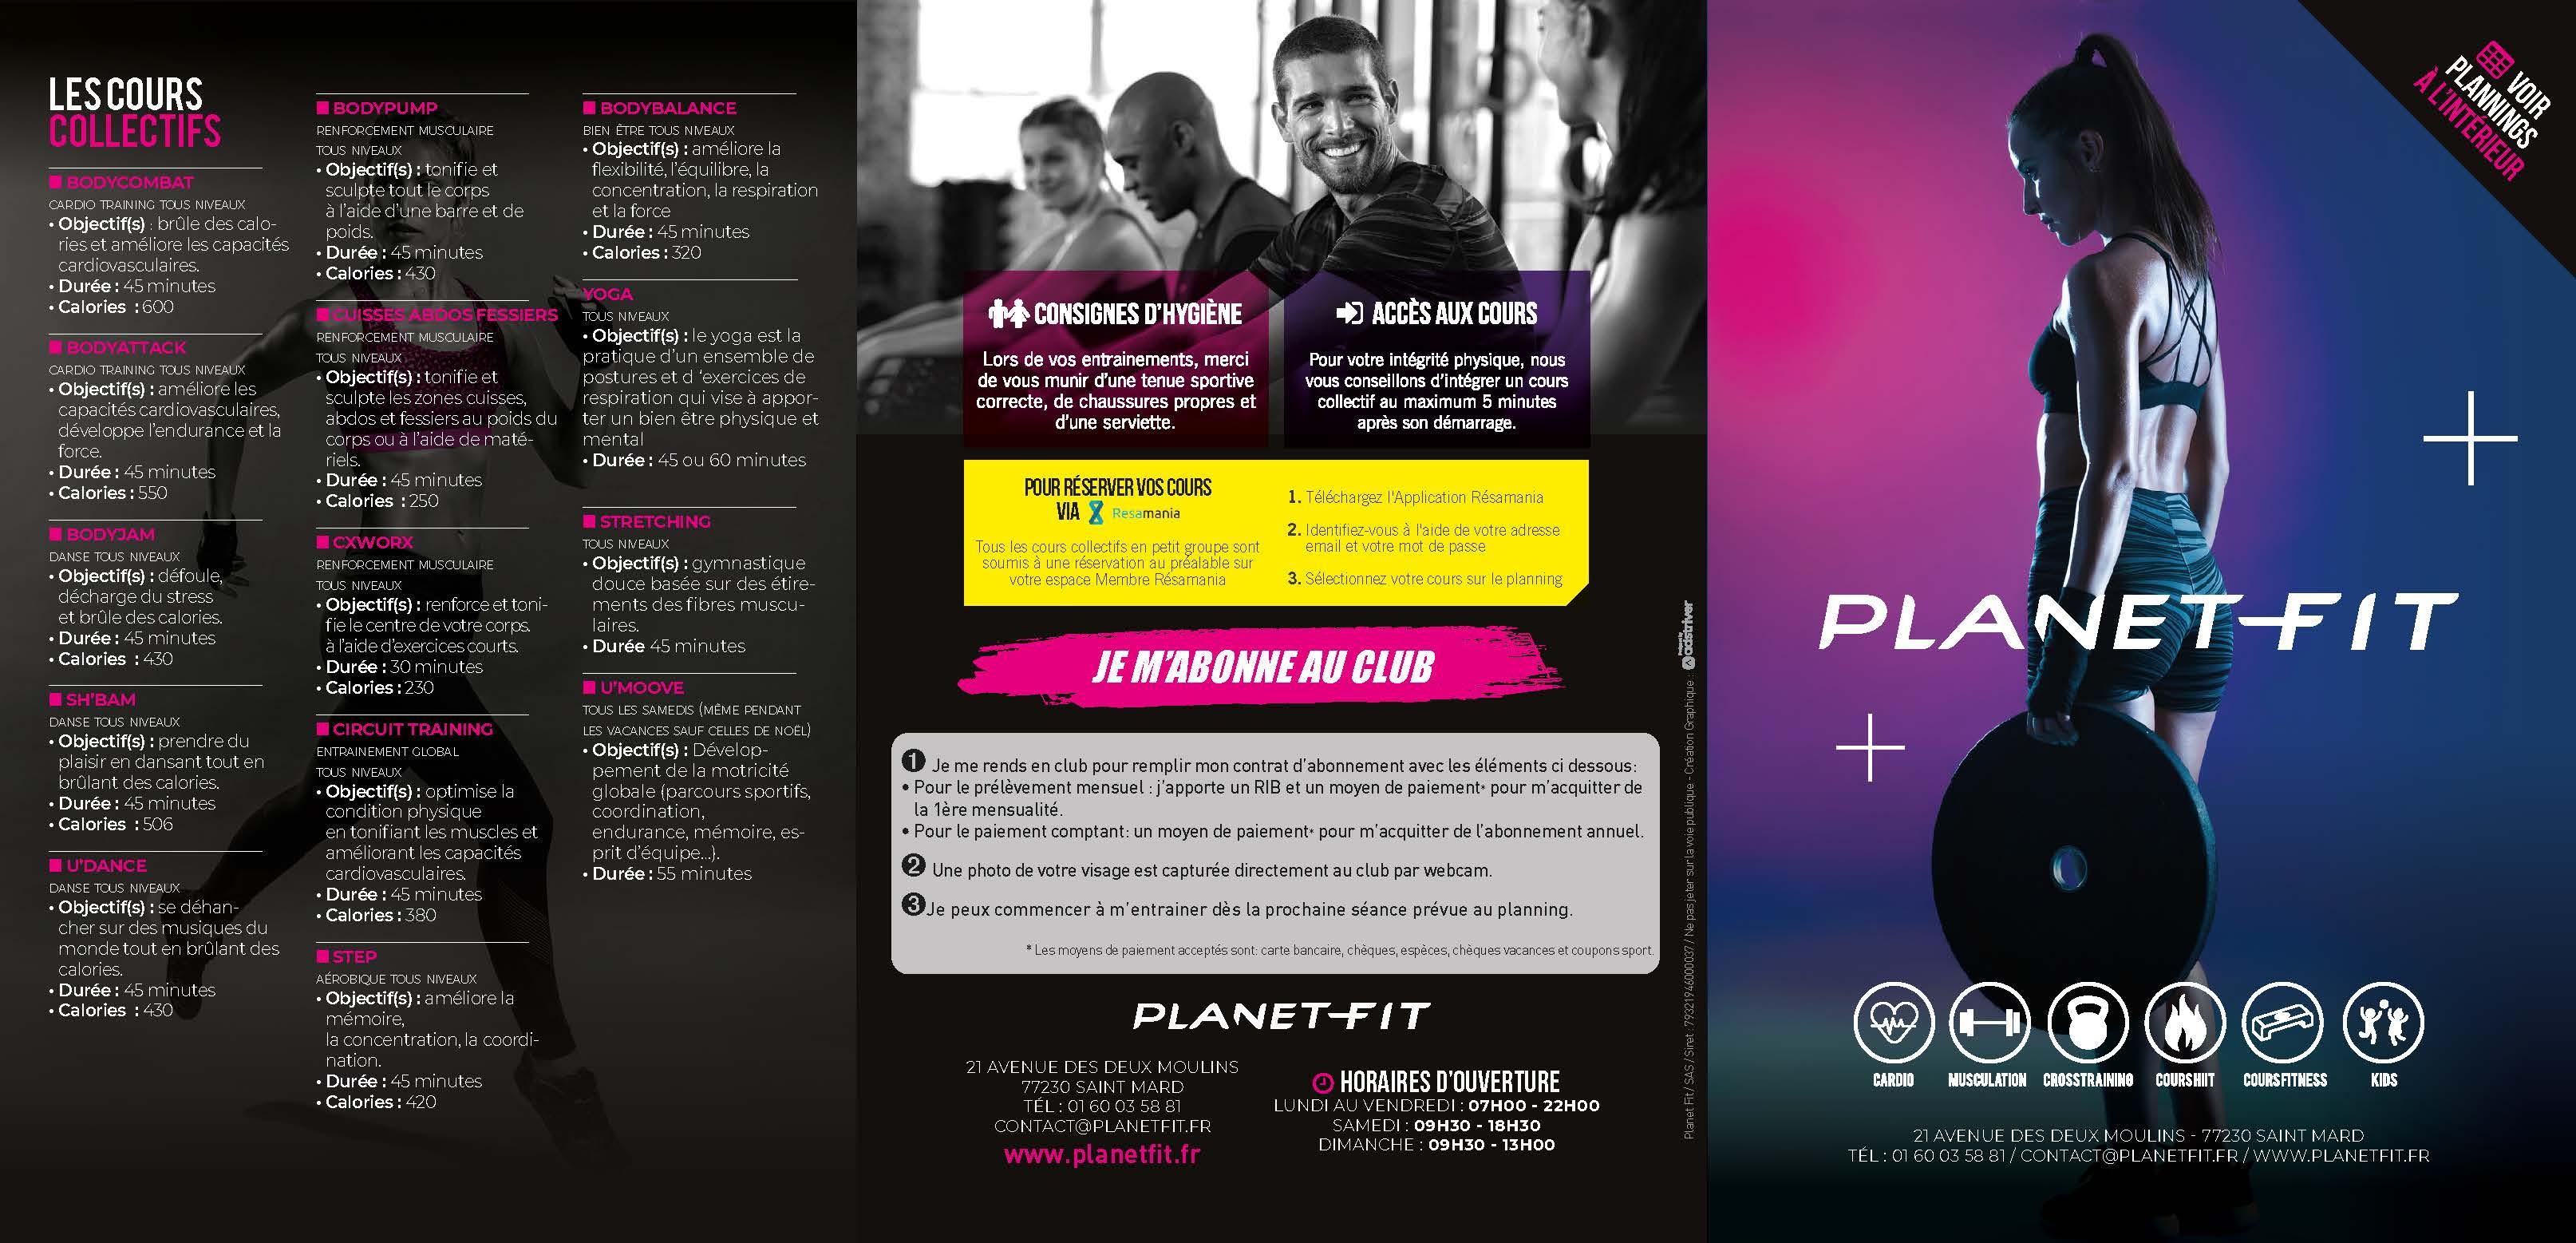 planetfit-agence-de-communication-paris-salle-de-sport1